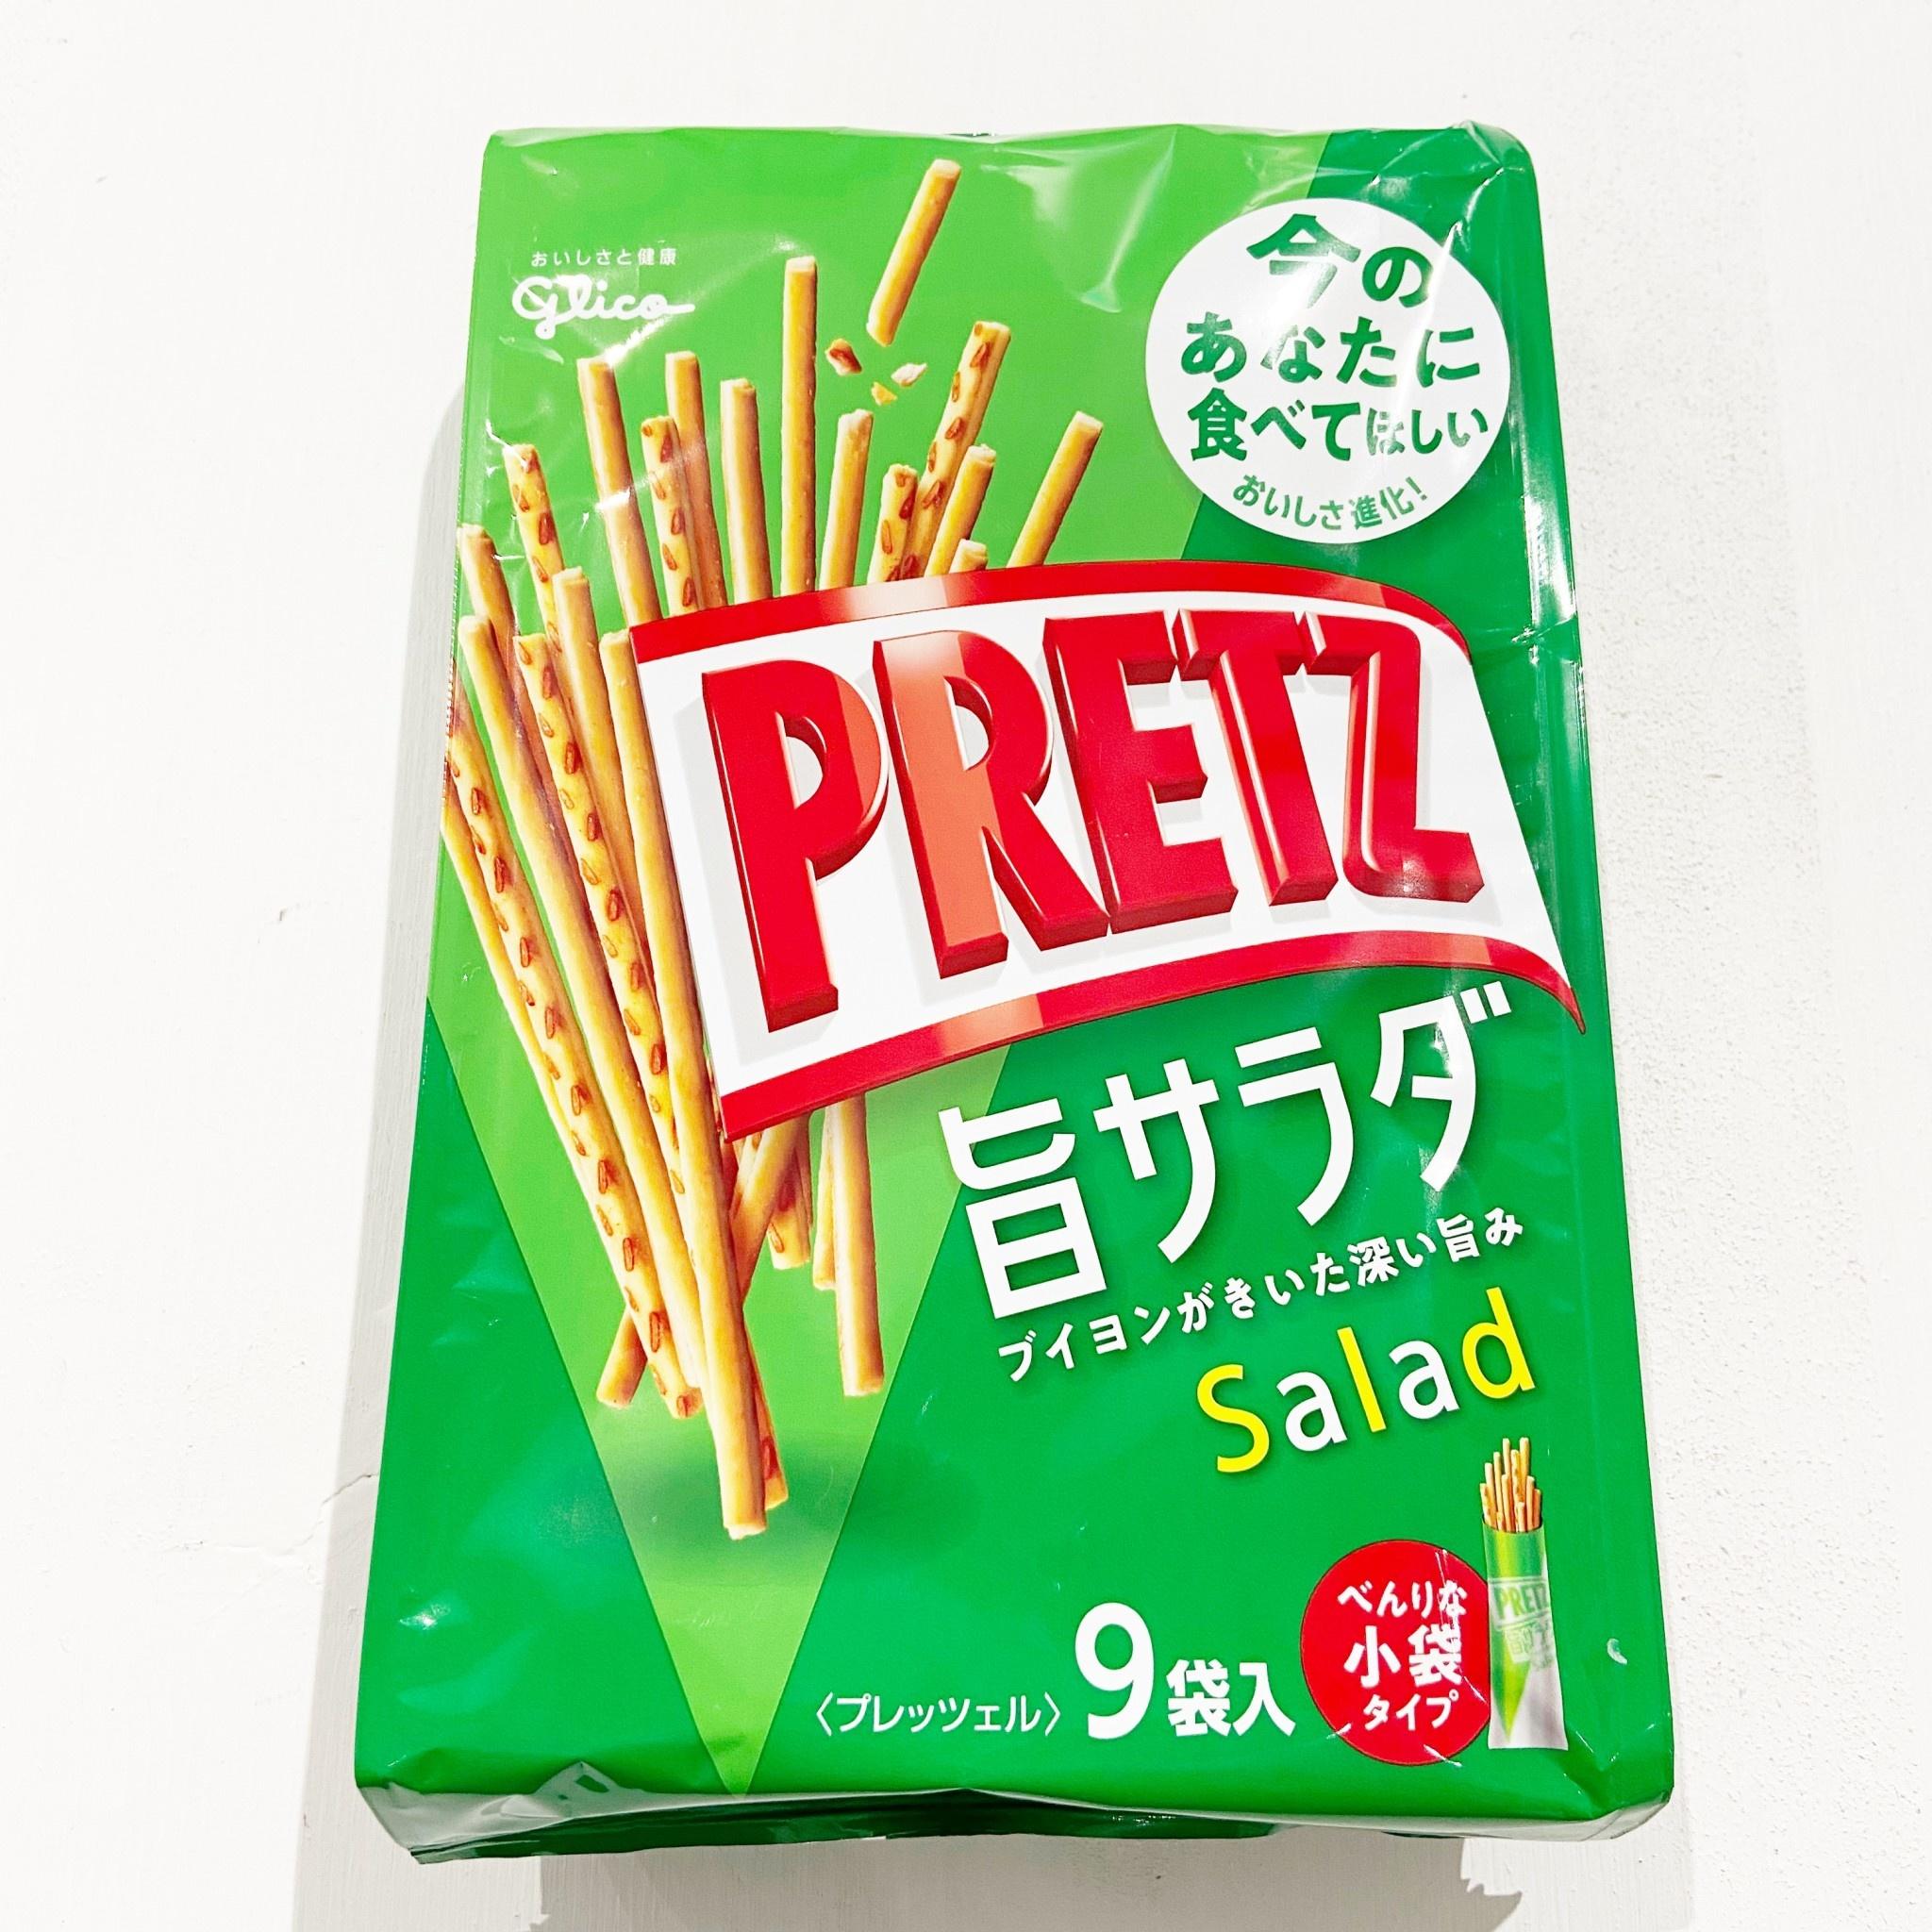 GLICO Pretz- Salad